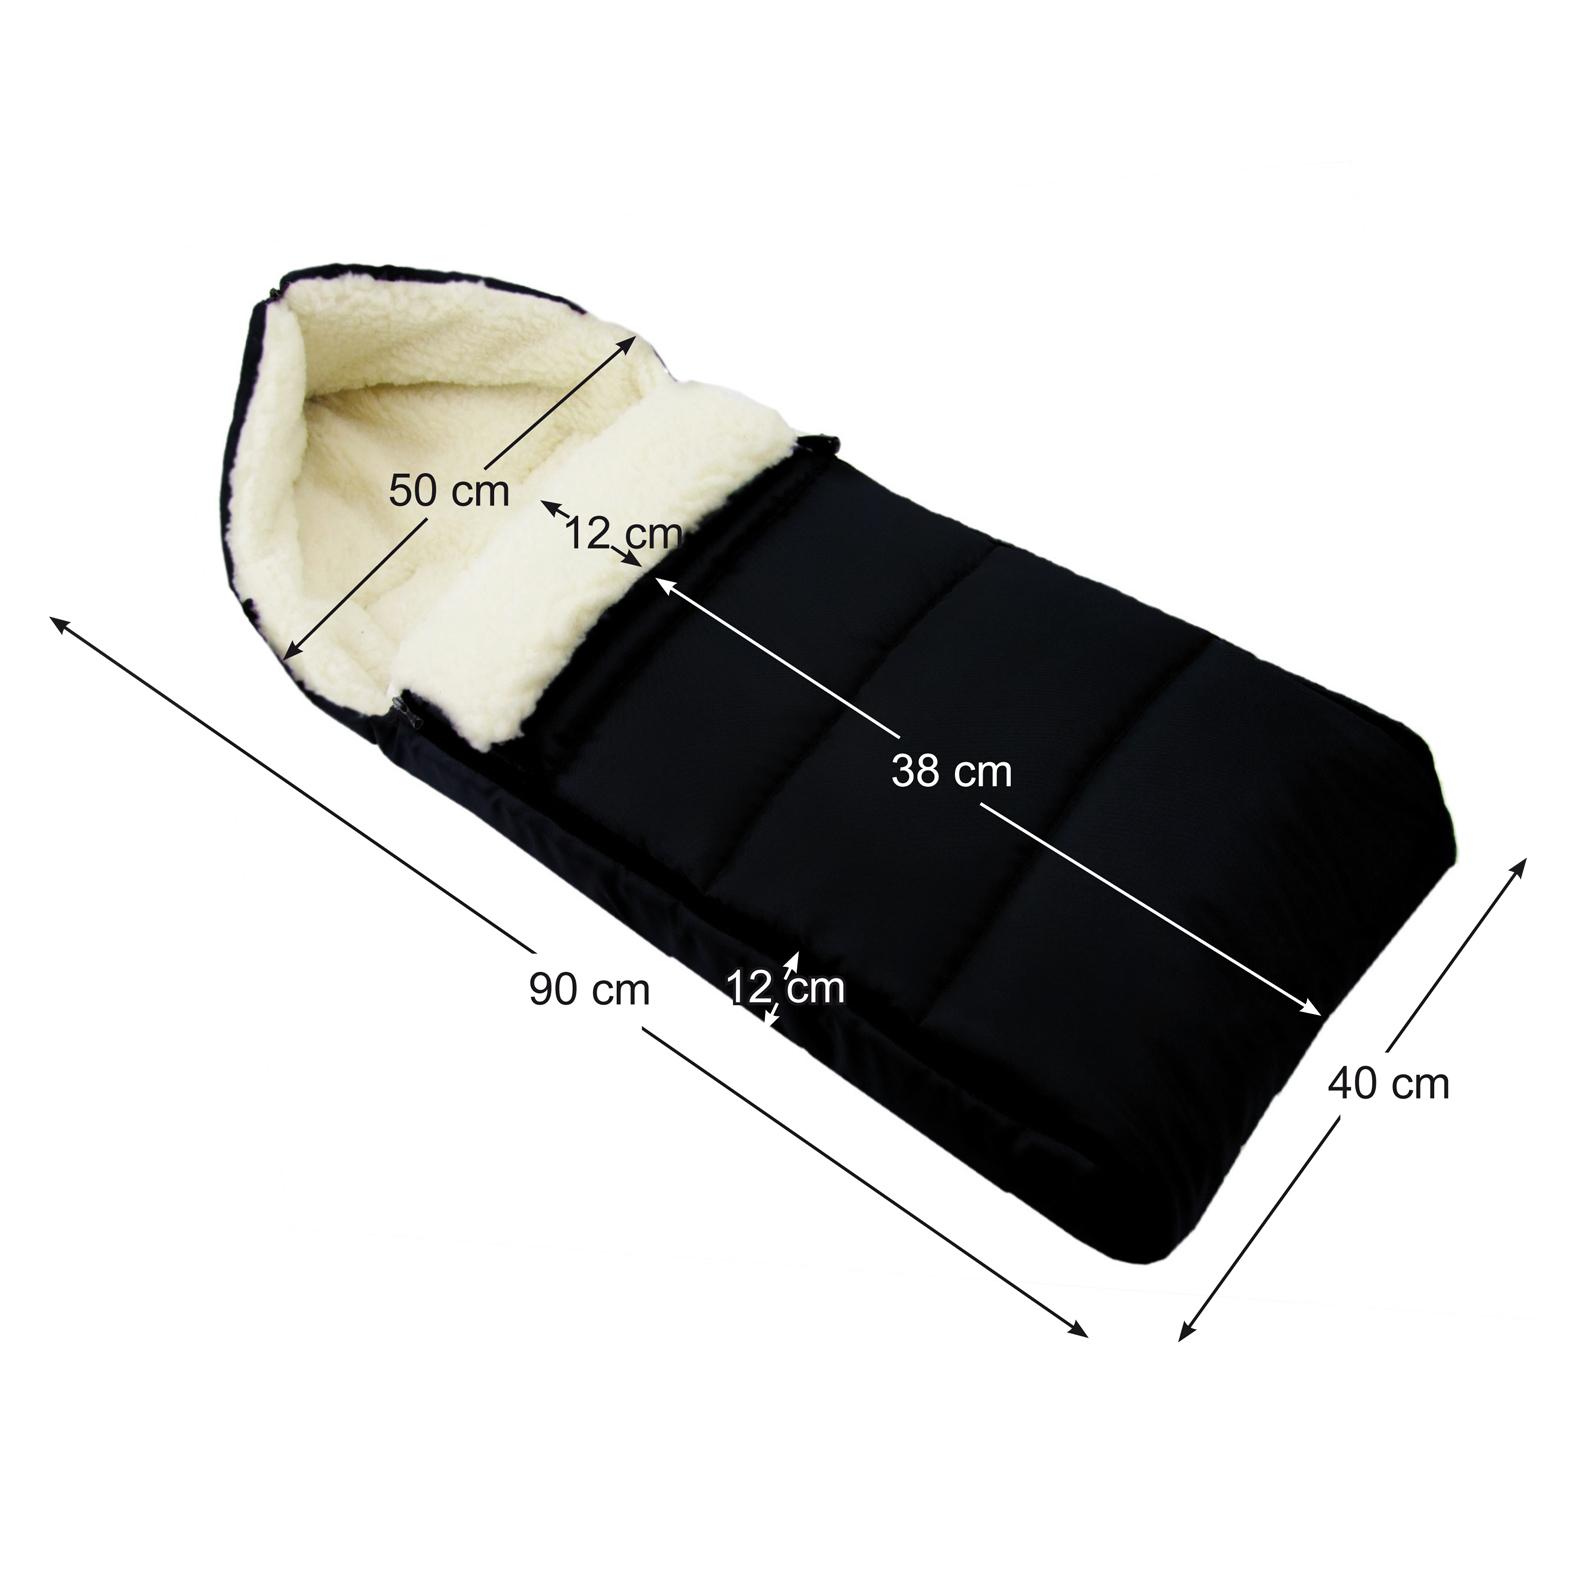 BAMBINIWELT MUFF+WINTERFUSSSACK Kinderwagen und Buggy 90cm WOLLE DESIGN